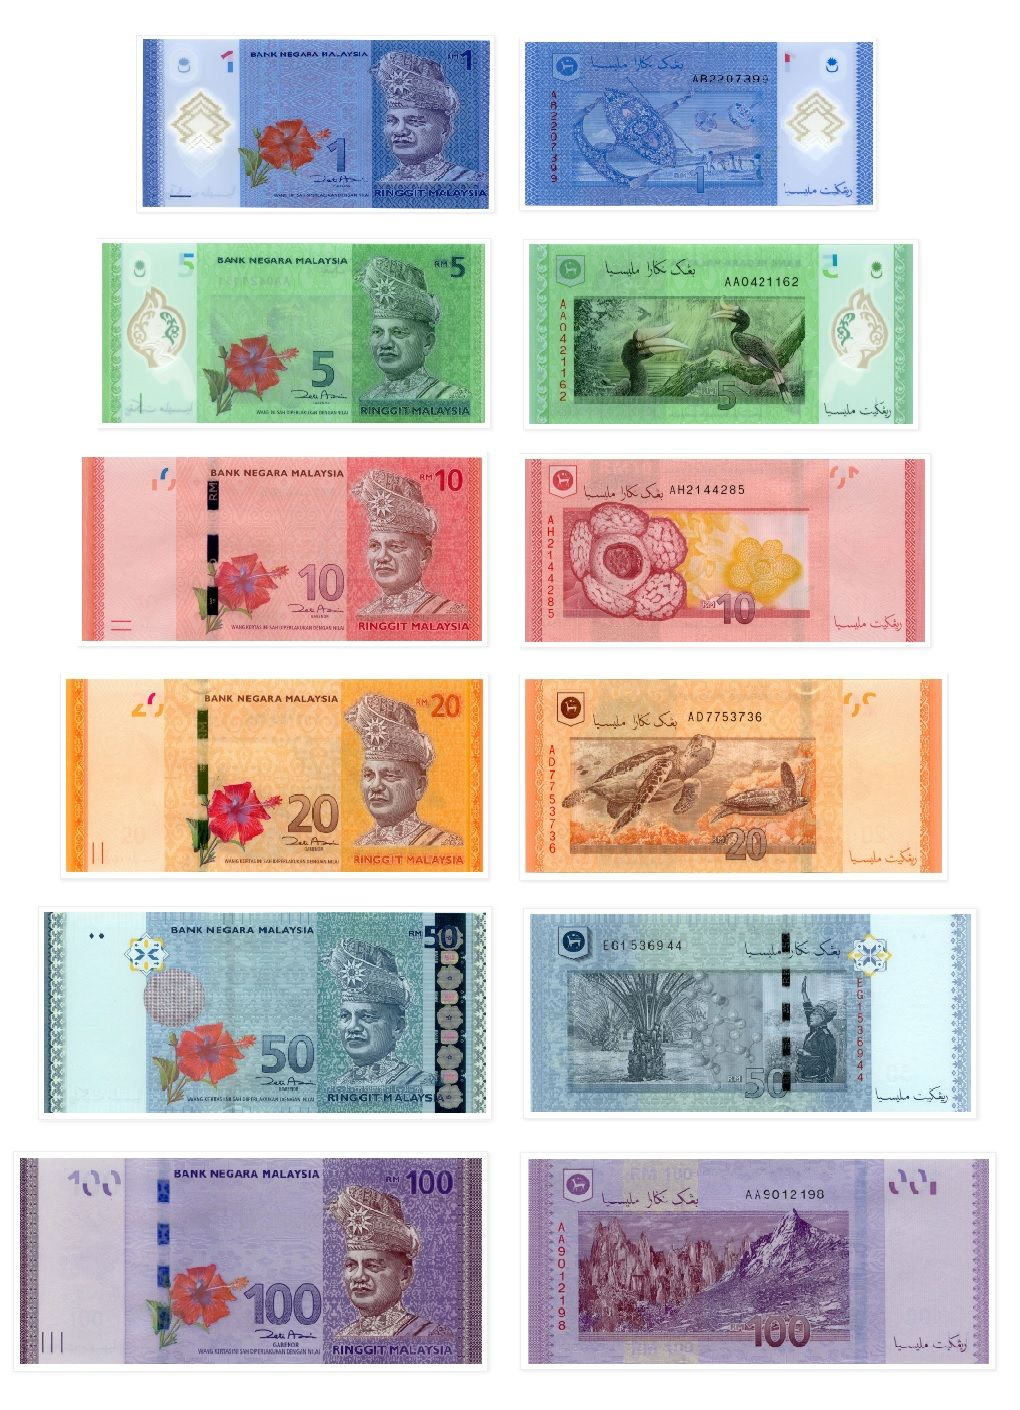 medium resolution of Malaysia   Money notes